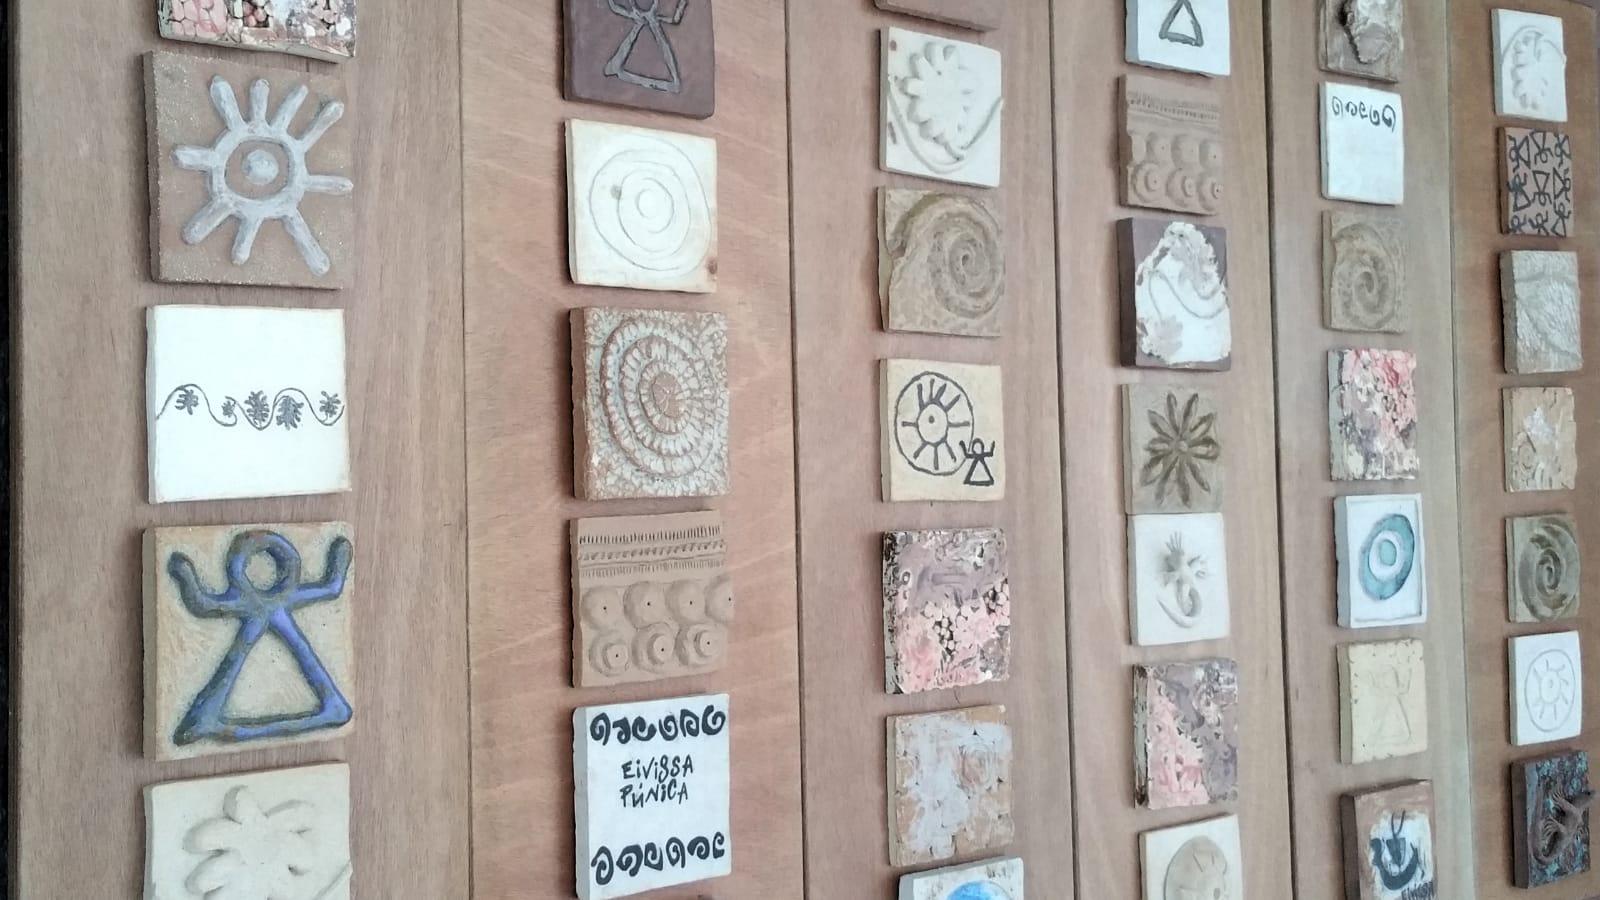 Exposición taller de cerámica en Can Jeroni